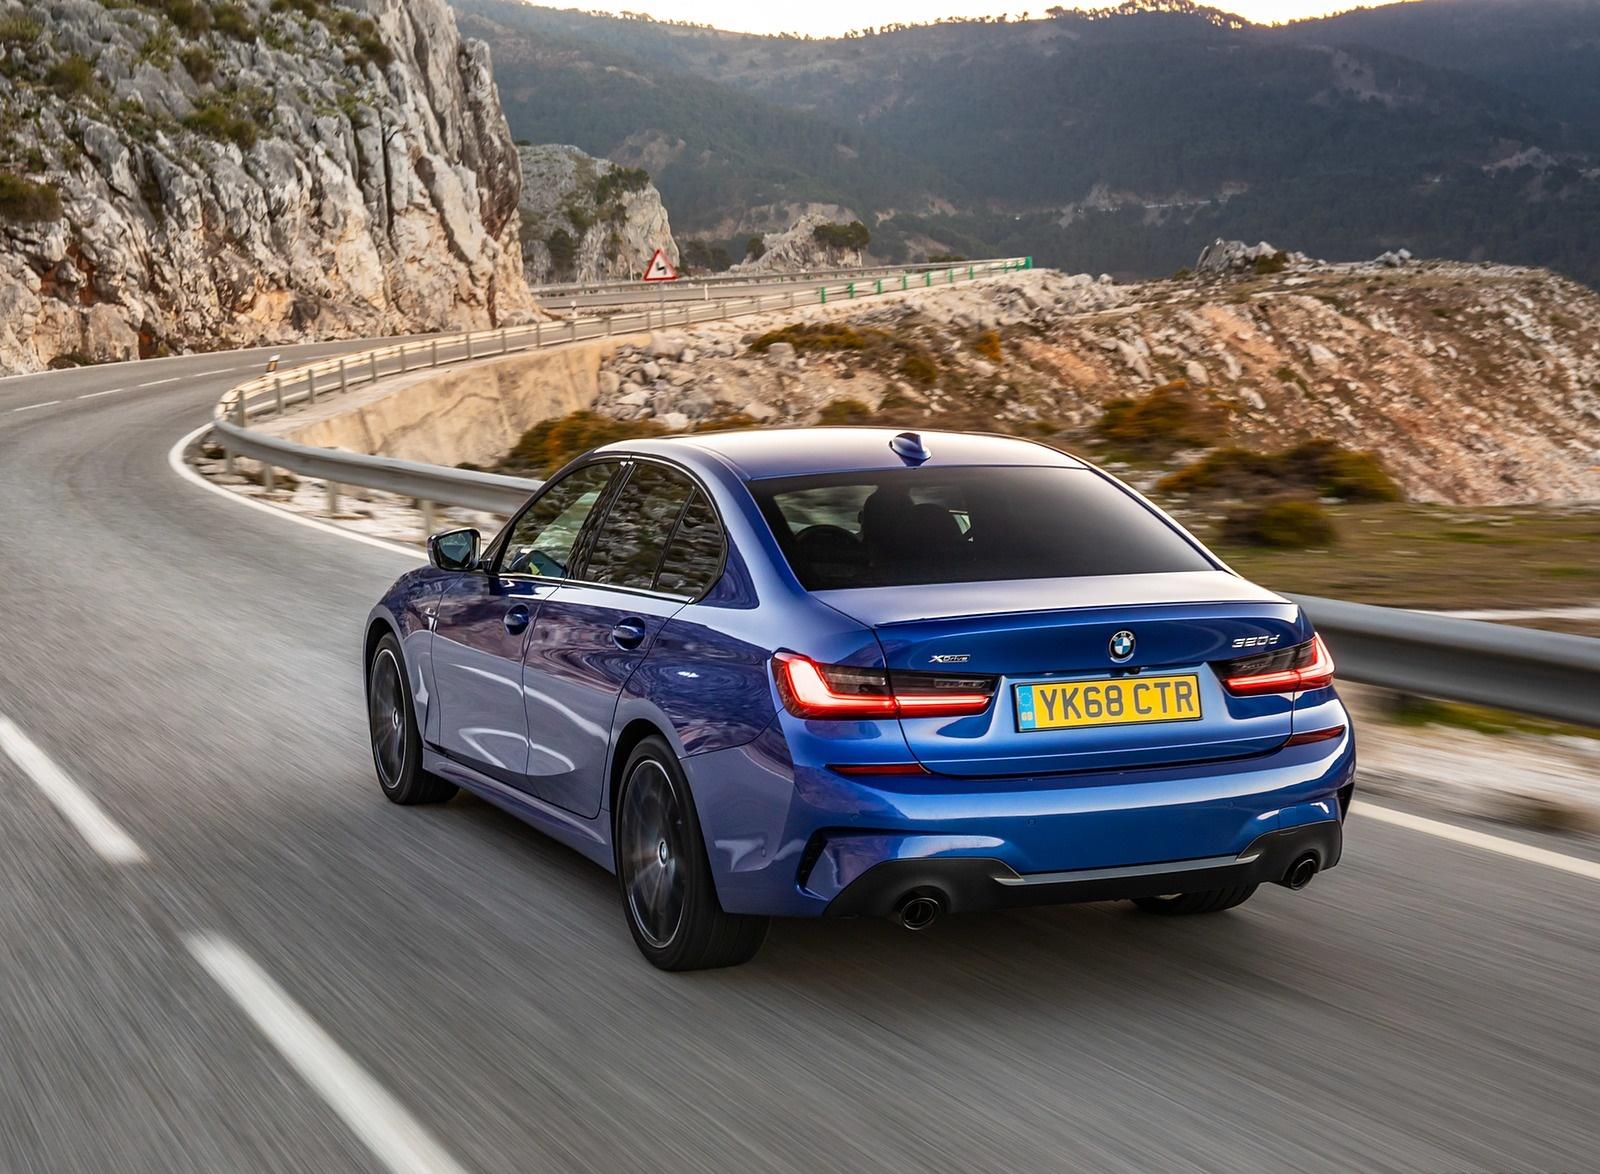 2019 BMW 3-Series Saloon 320d xDrive (UK-Spec) Rear Three-Quarter Wallpapers (13)